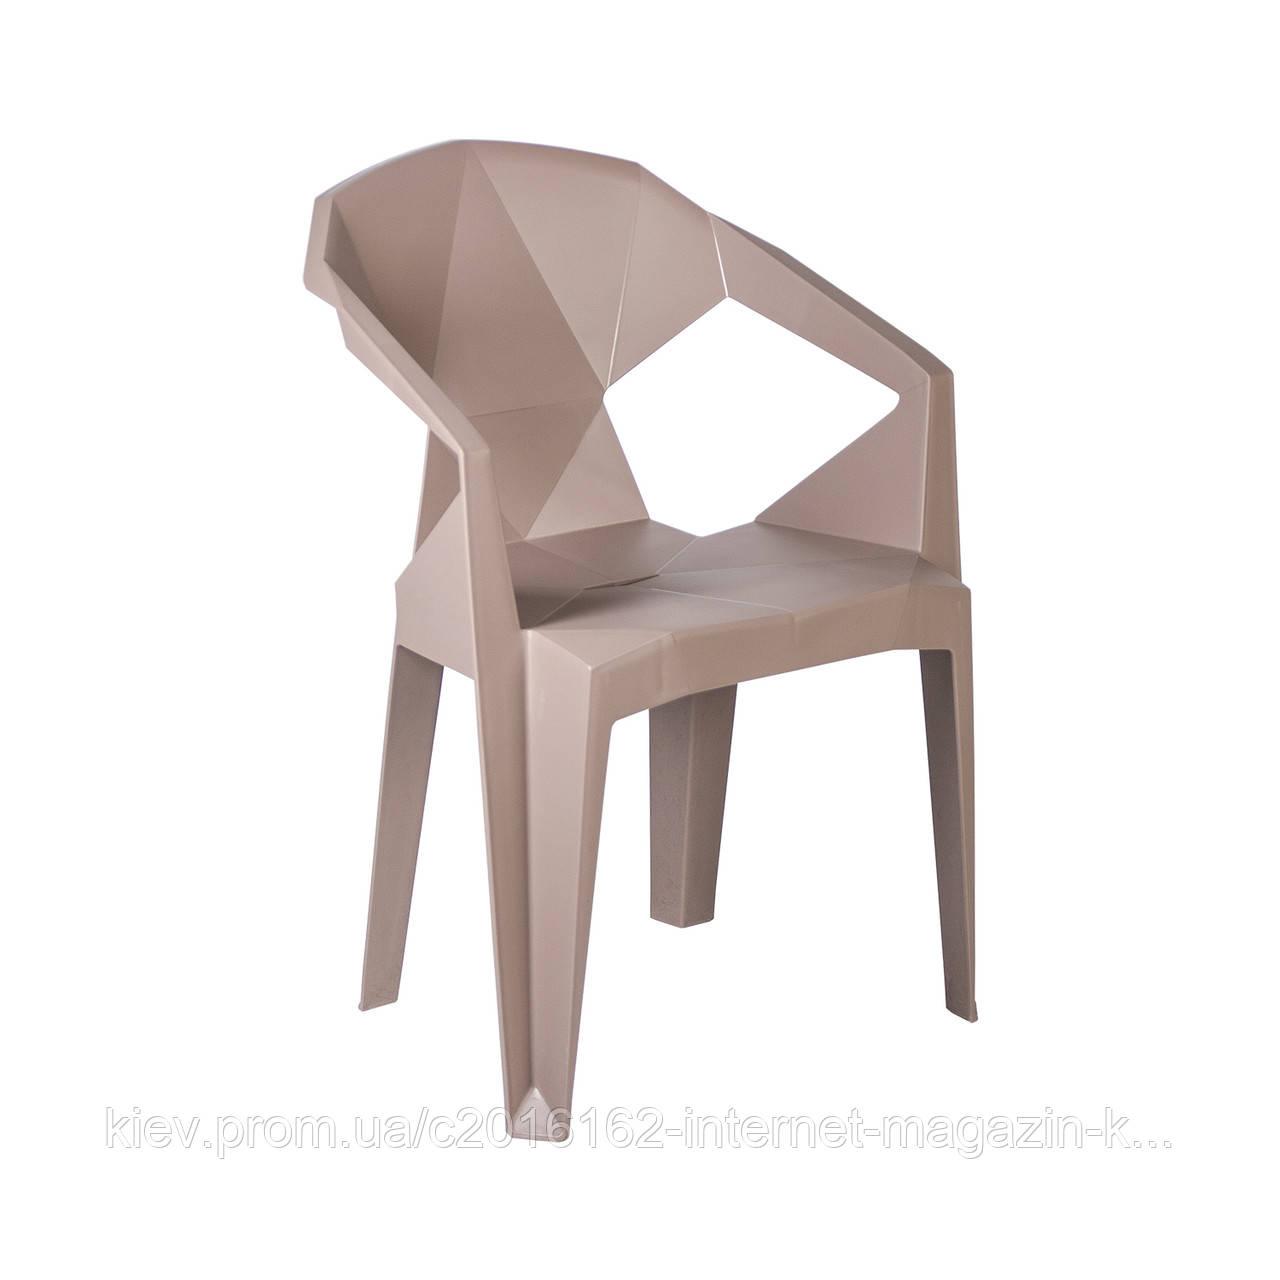 Кресло пластиковое для кафе MUZE TAUPE PLASTIC